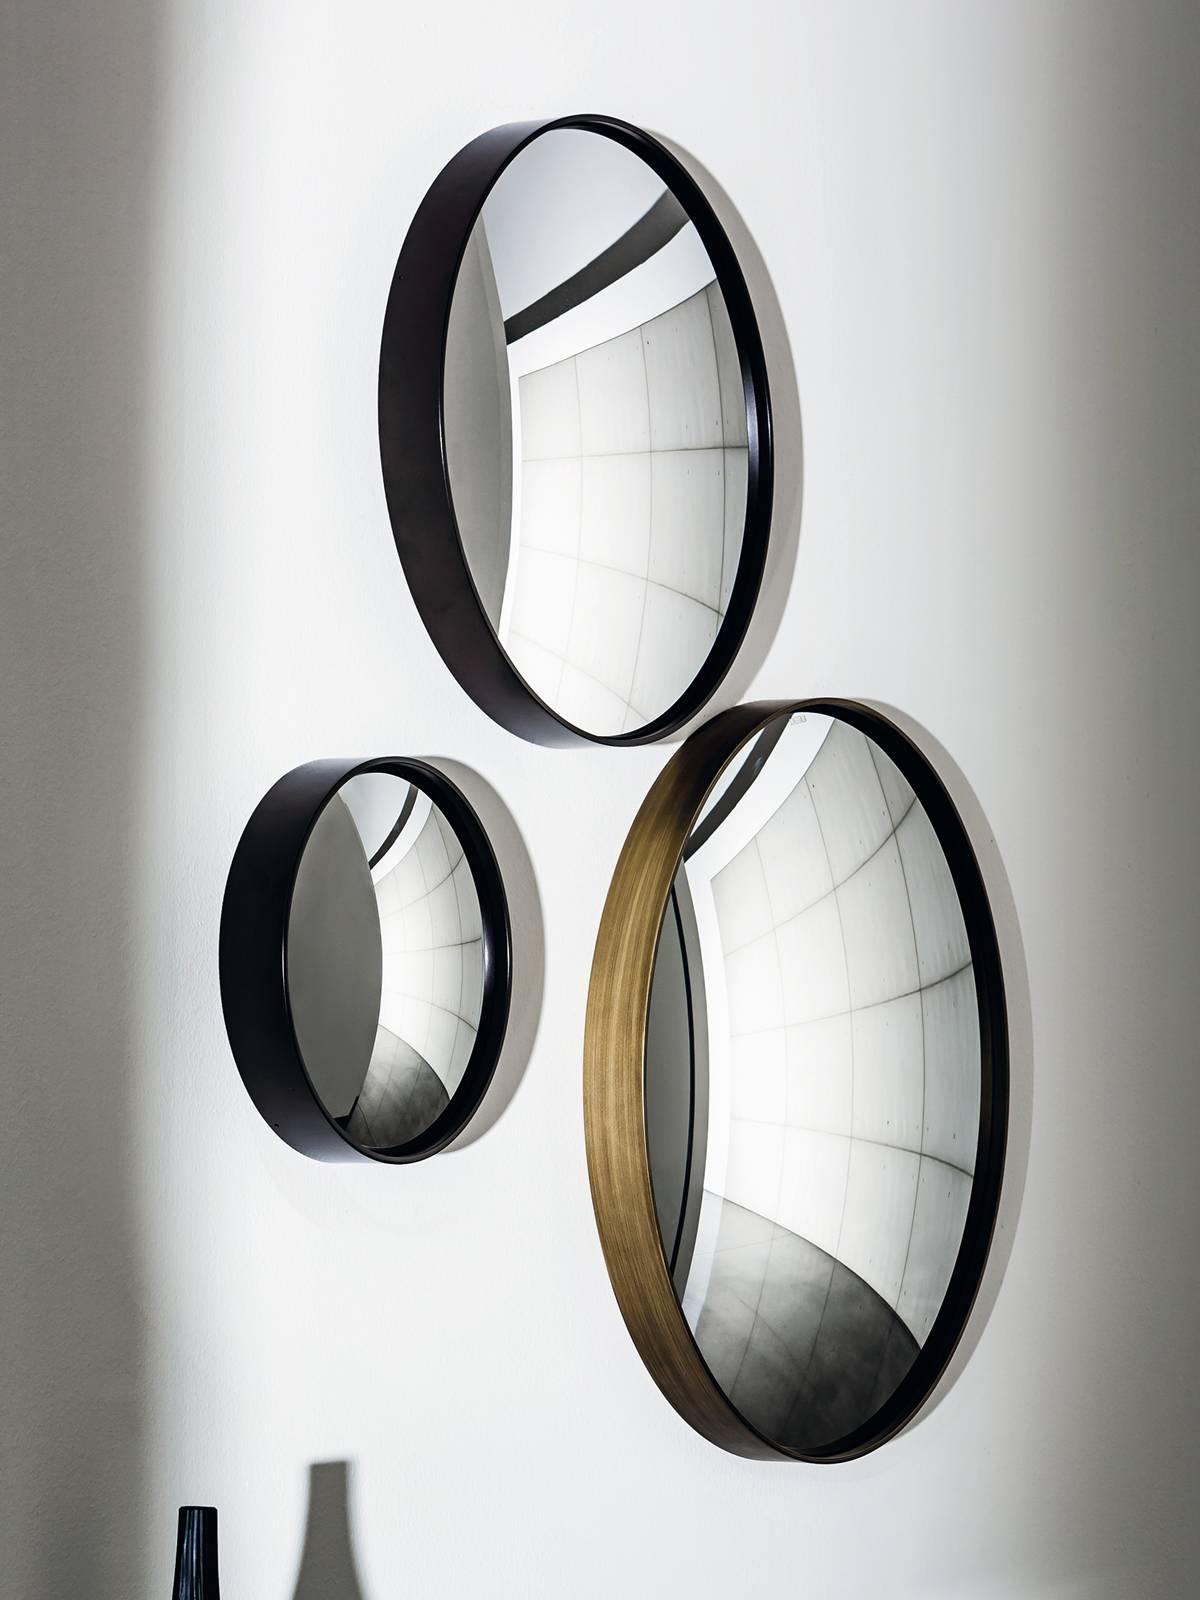 Sail - Decorative Convex Mirror - Small Unique Wall Mounted Mirror. pertaining to Small Convex Mirrors (Image 19 of 25)